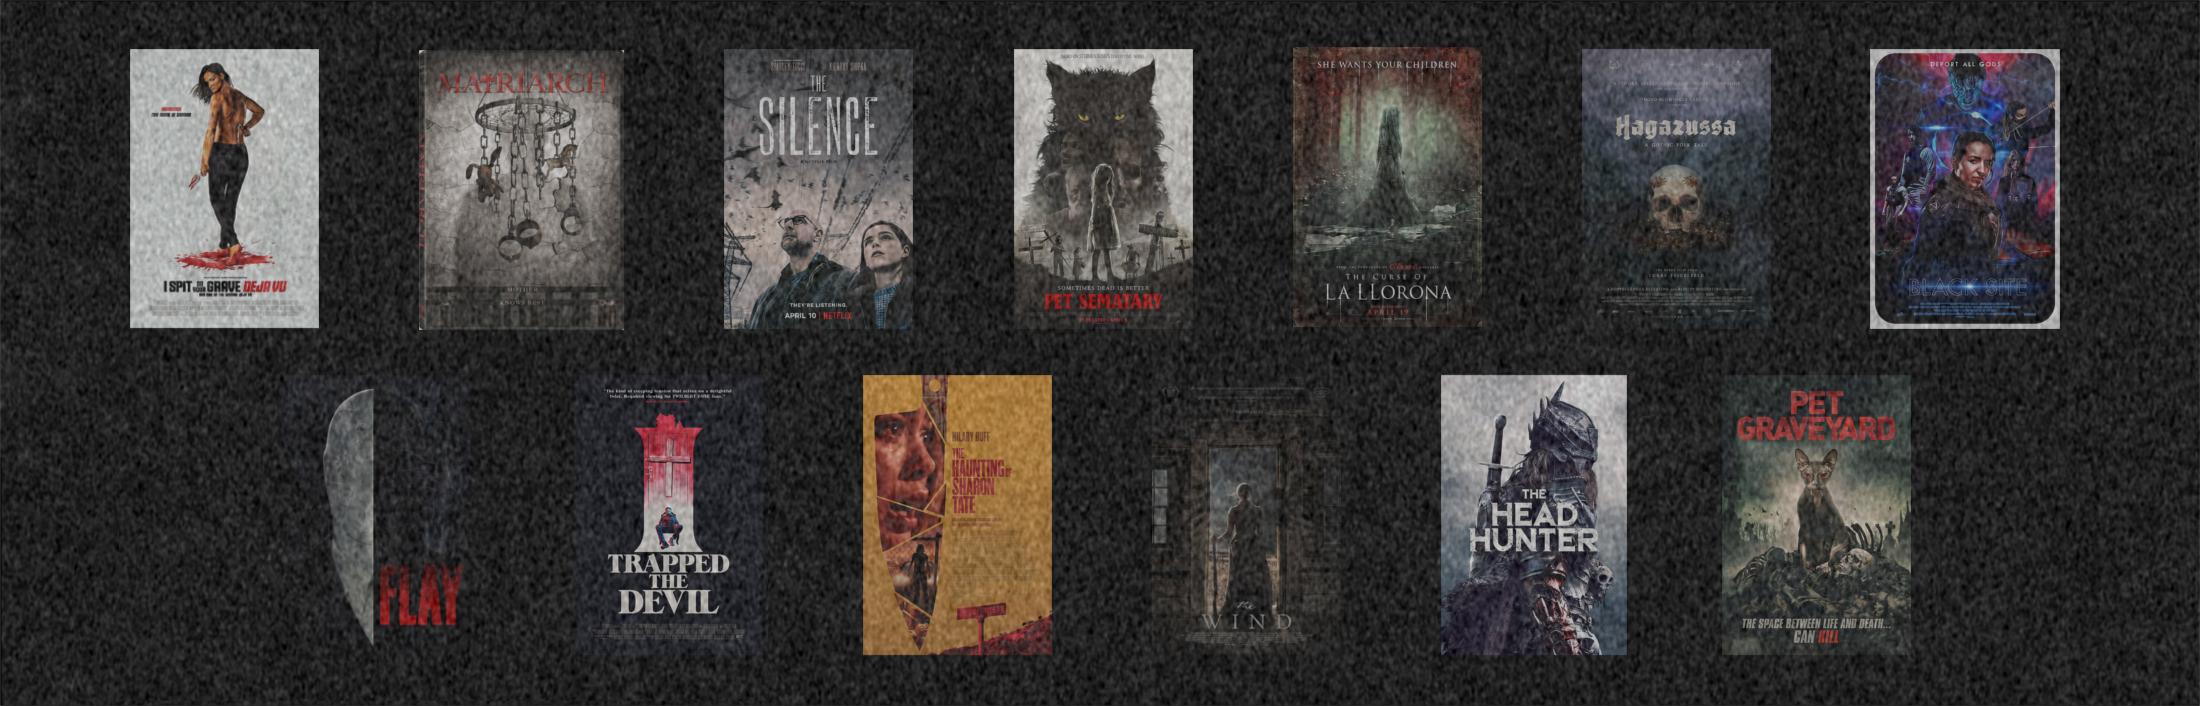 More Horror — A to Z Horror | Horror Movie Reviews